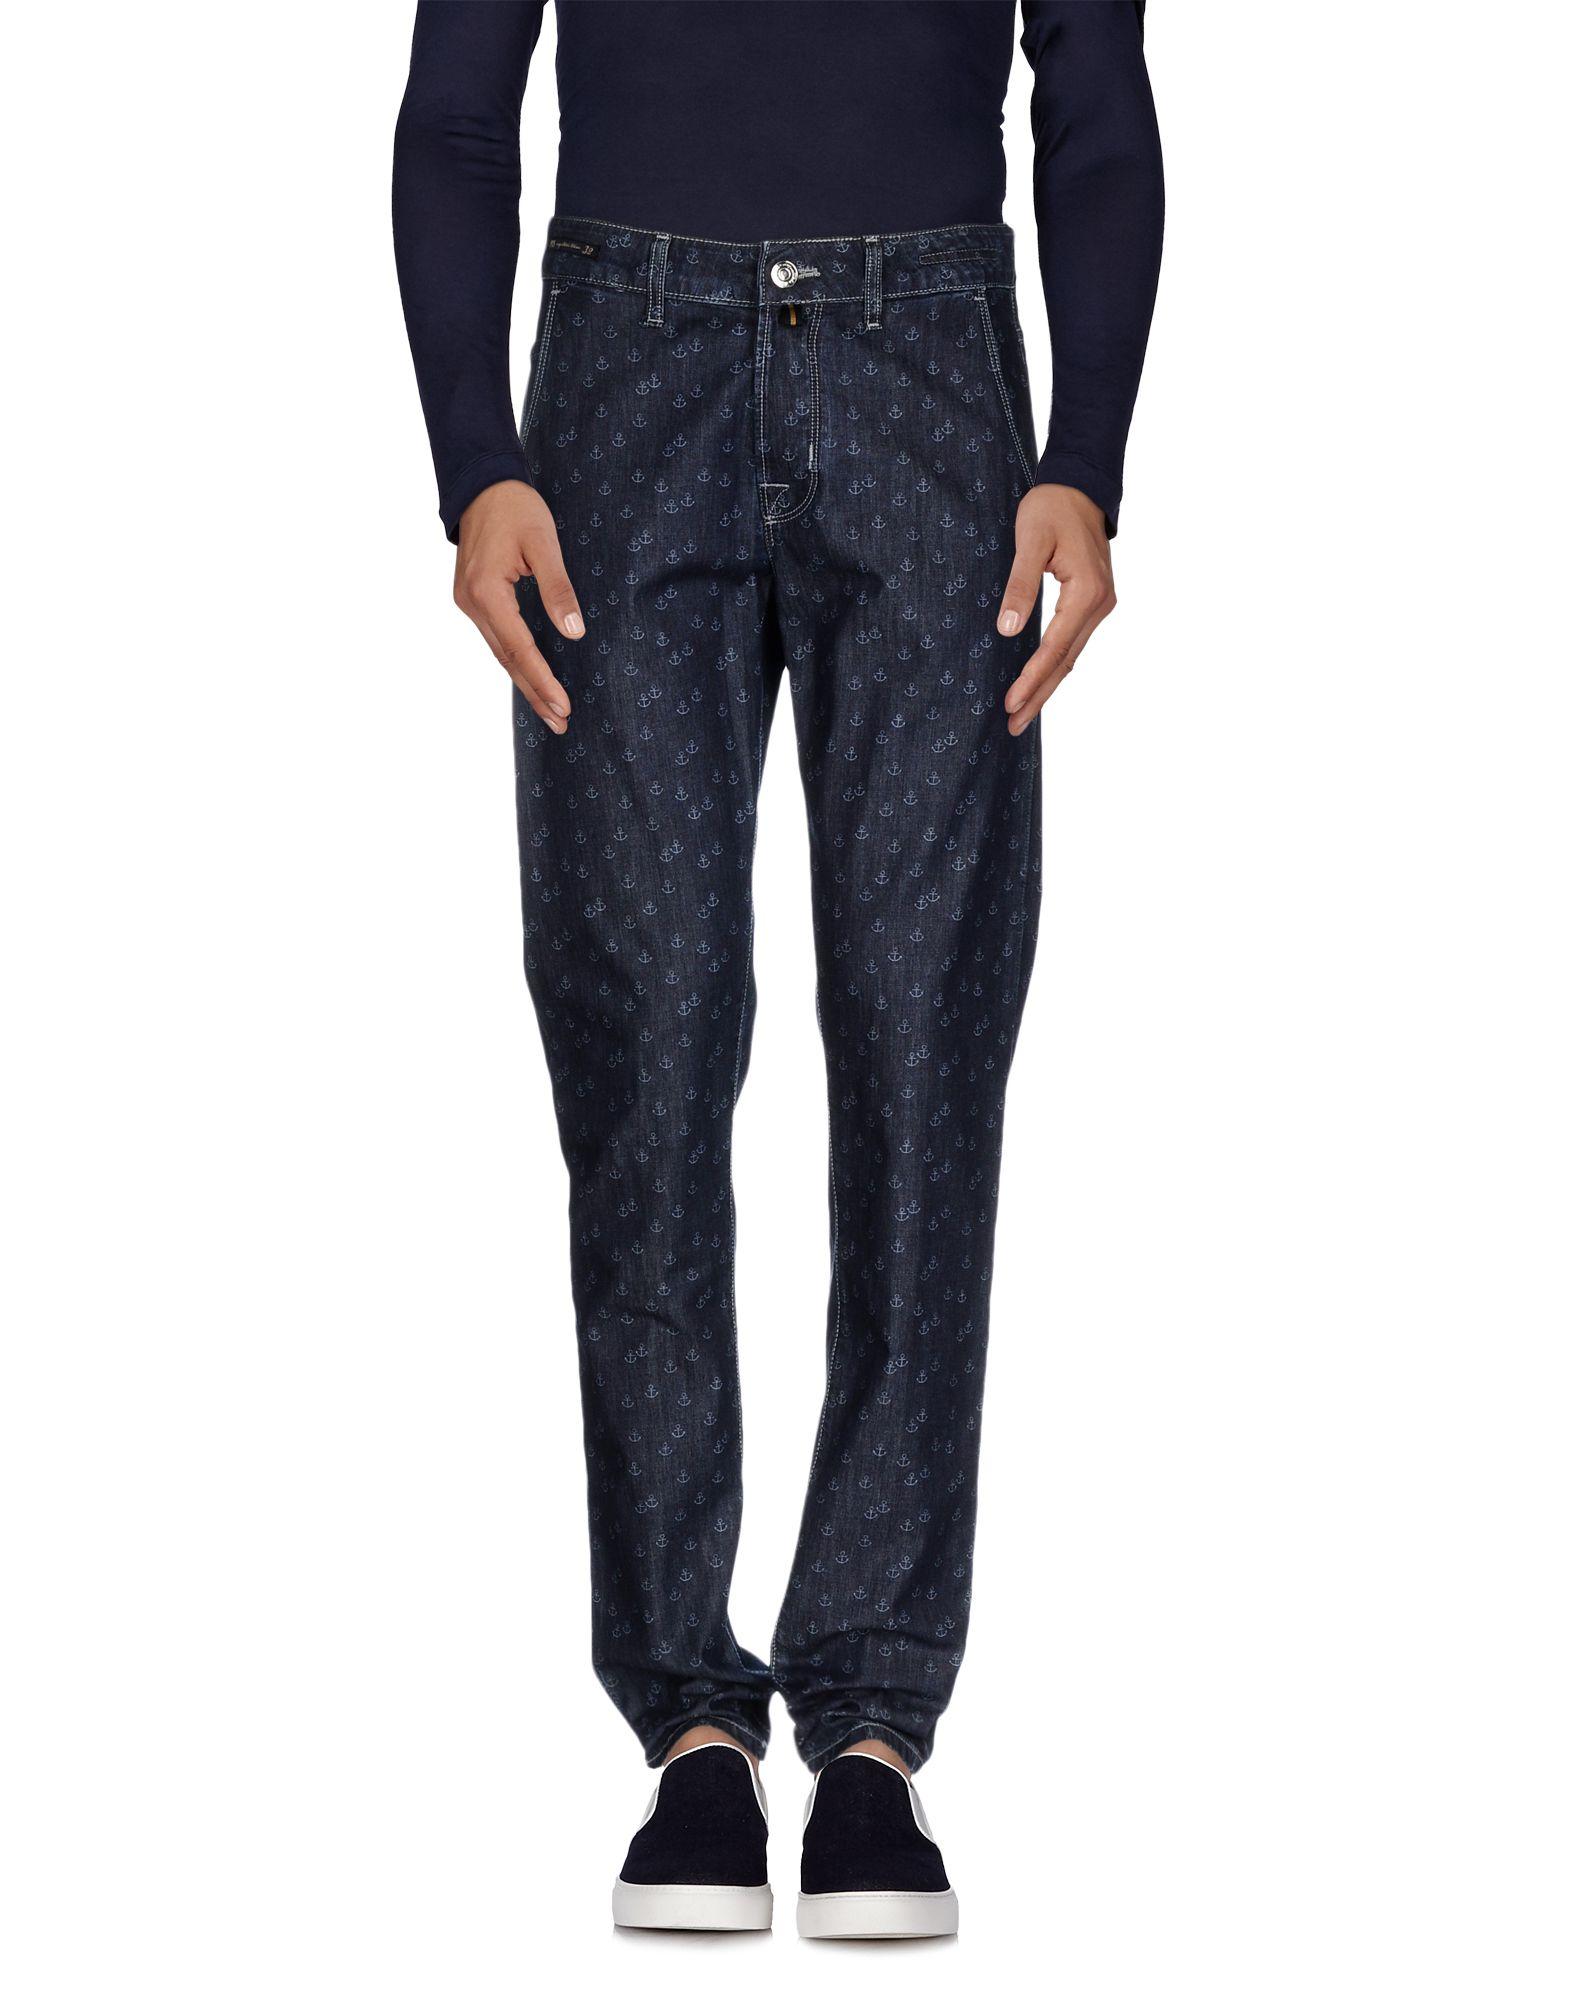 Pantaloni Jeans Pt05 uomo - - 42474595UW  schnelle Lieferung